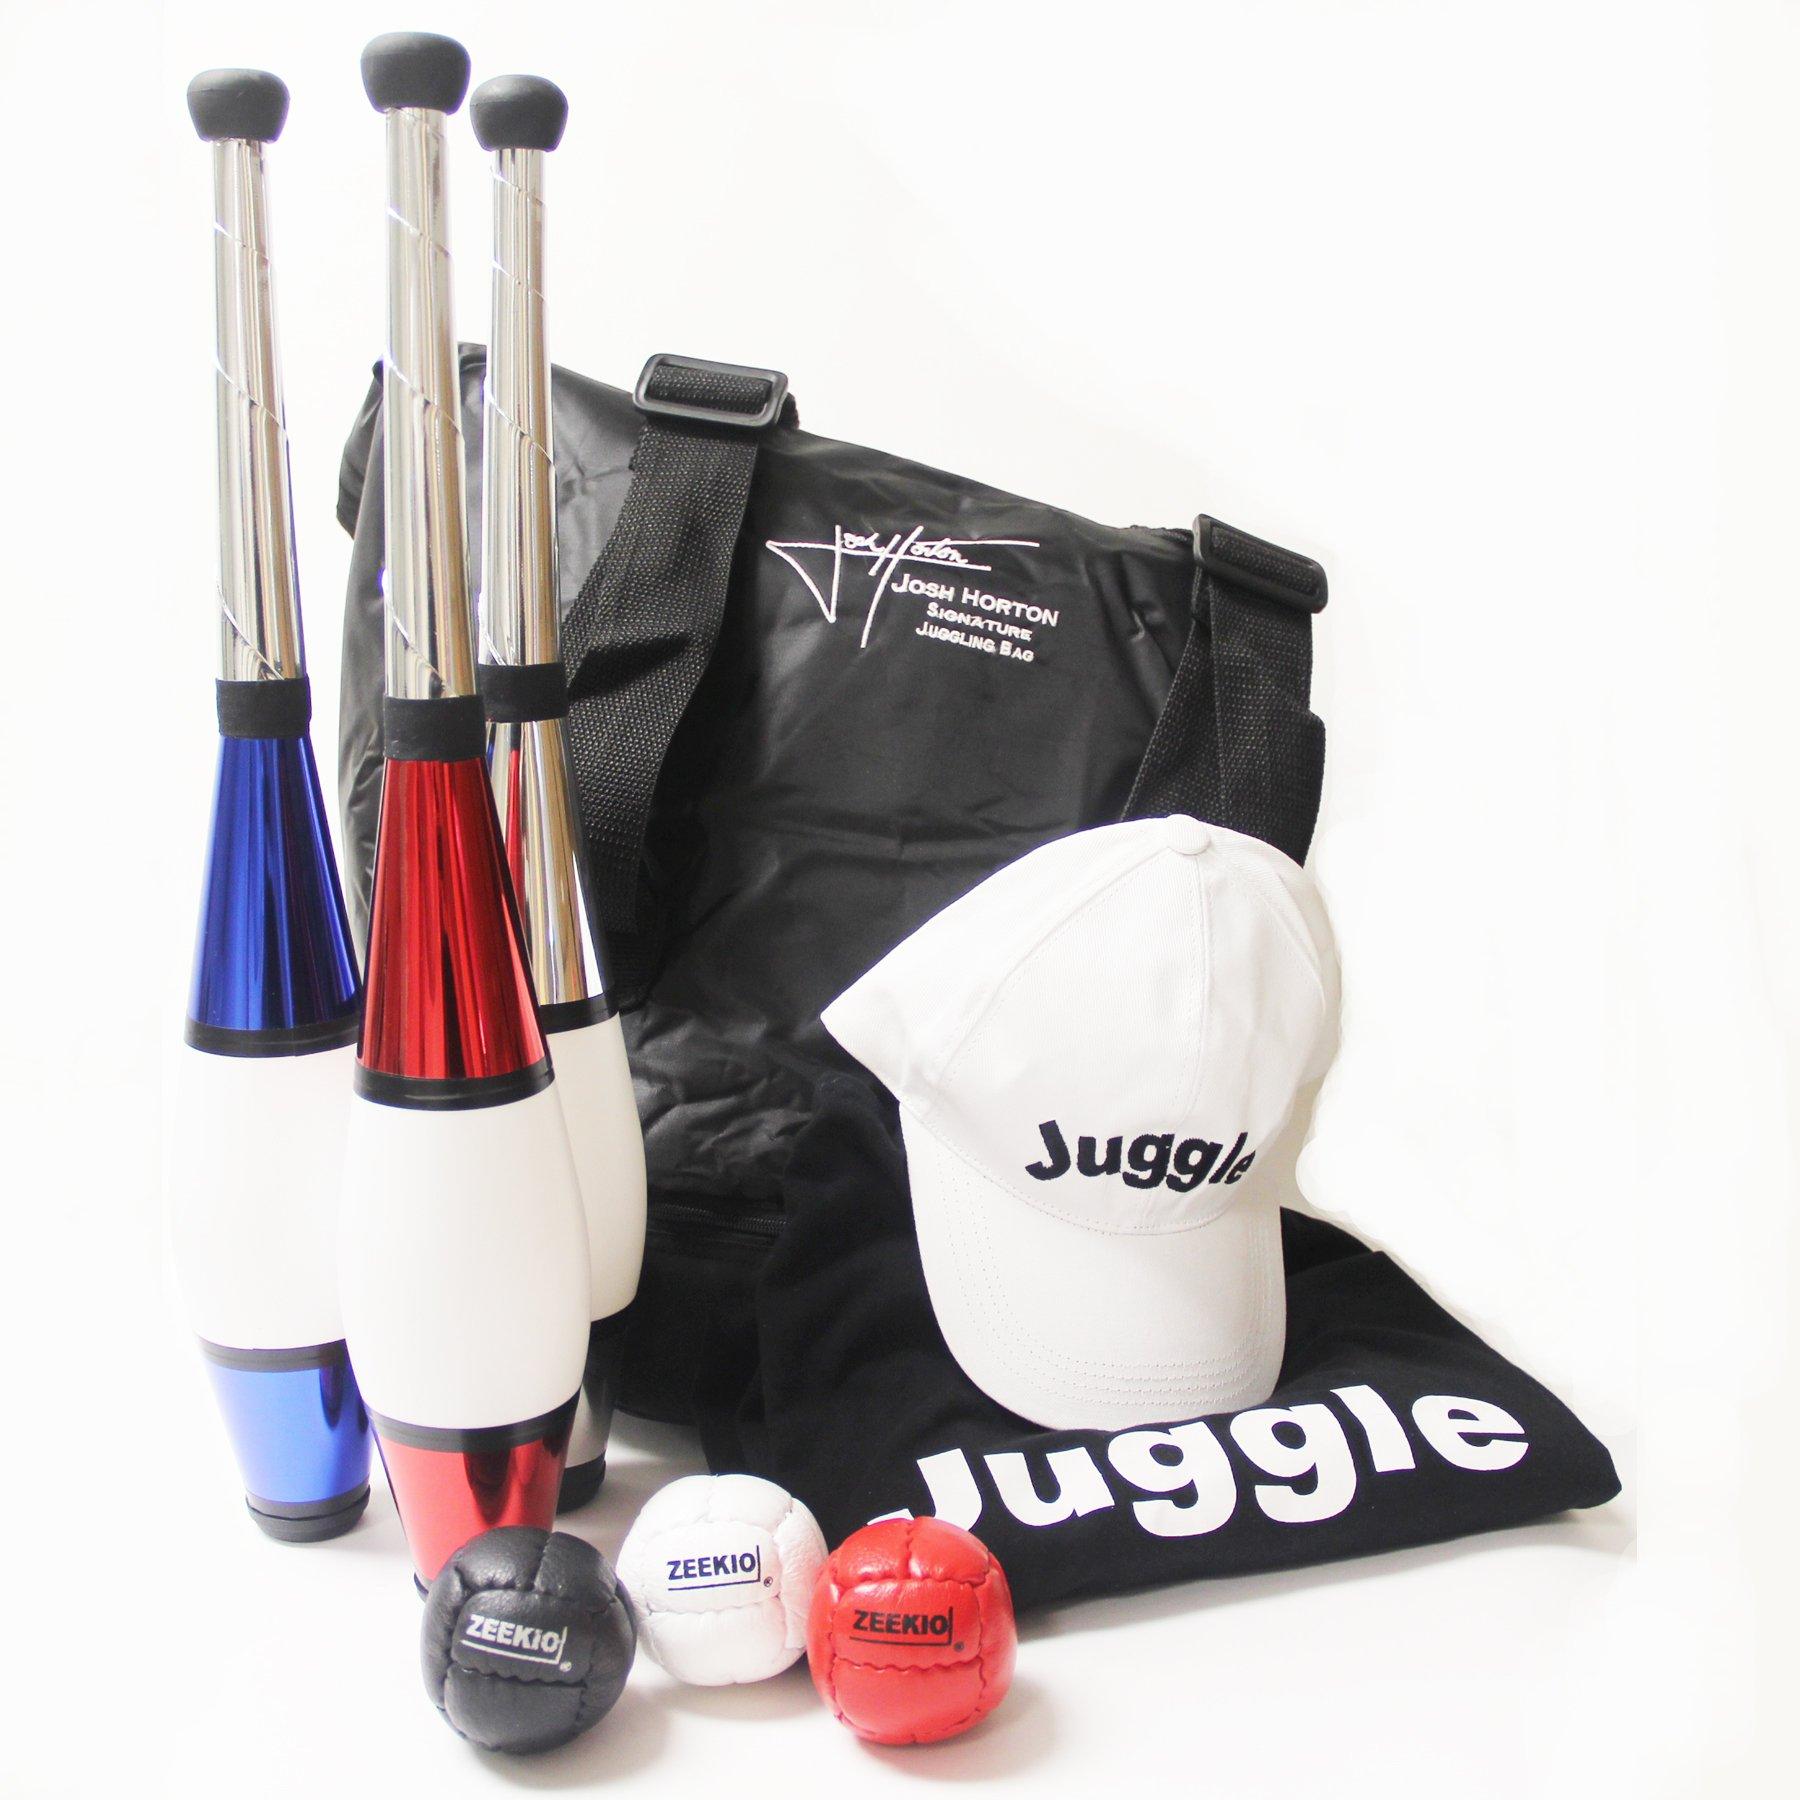 Zeekio Ultimate Juggling Gift Set - Clubs, Balls, Scarves by Zeekio (Image #1)